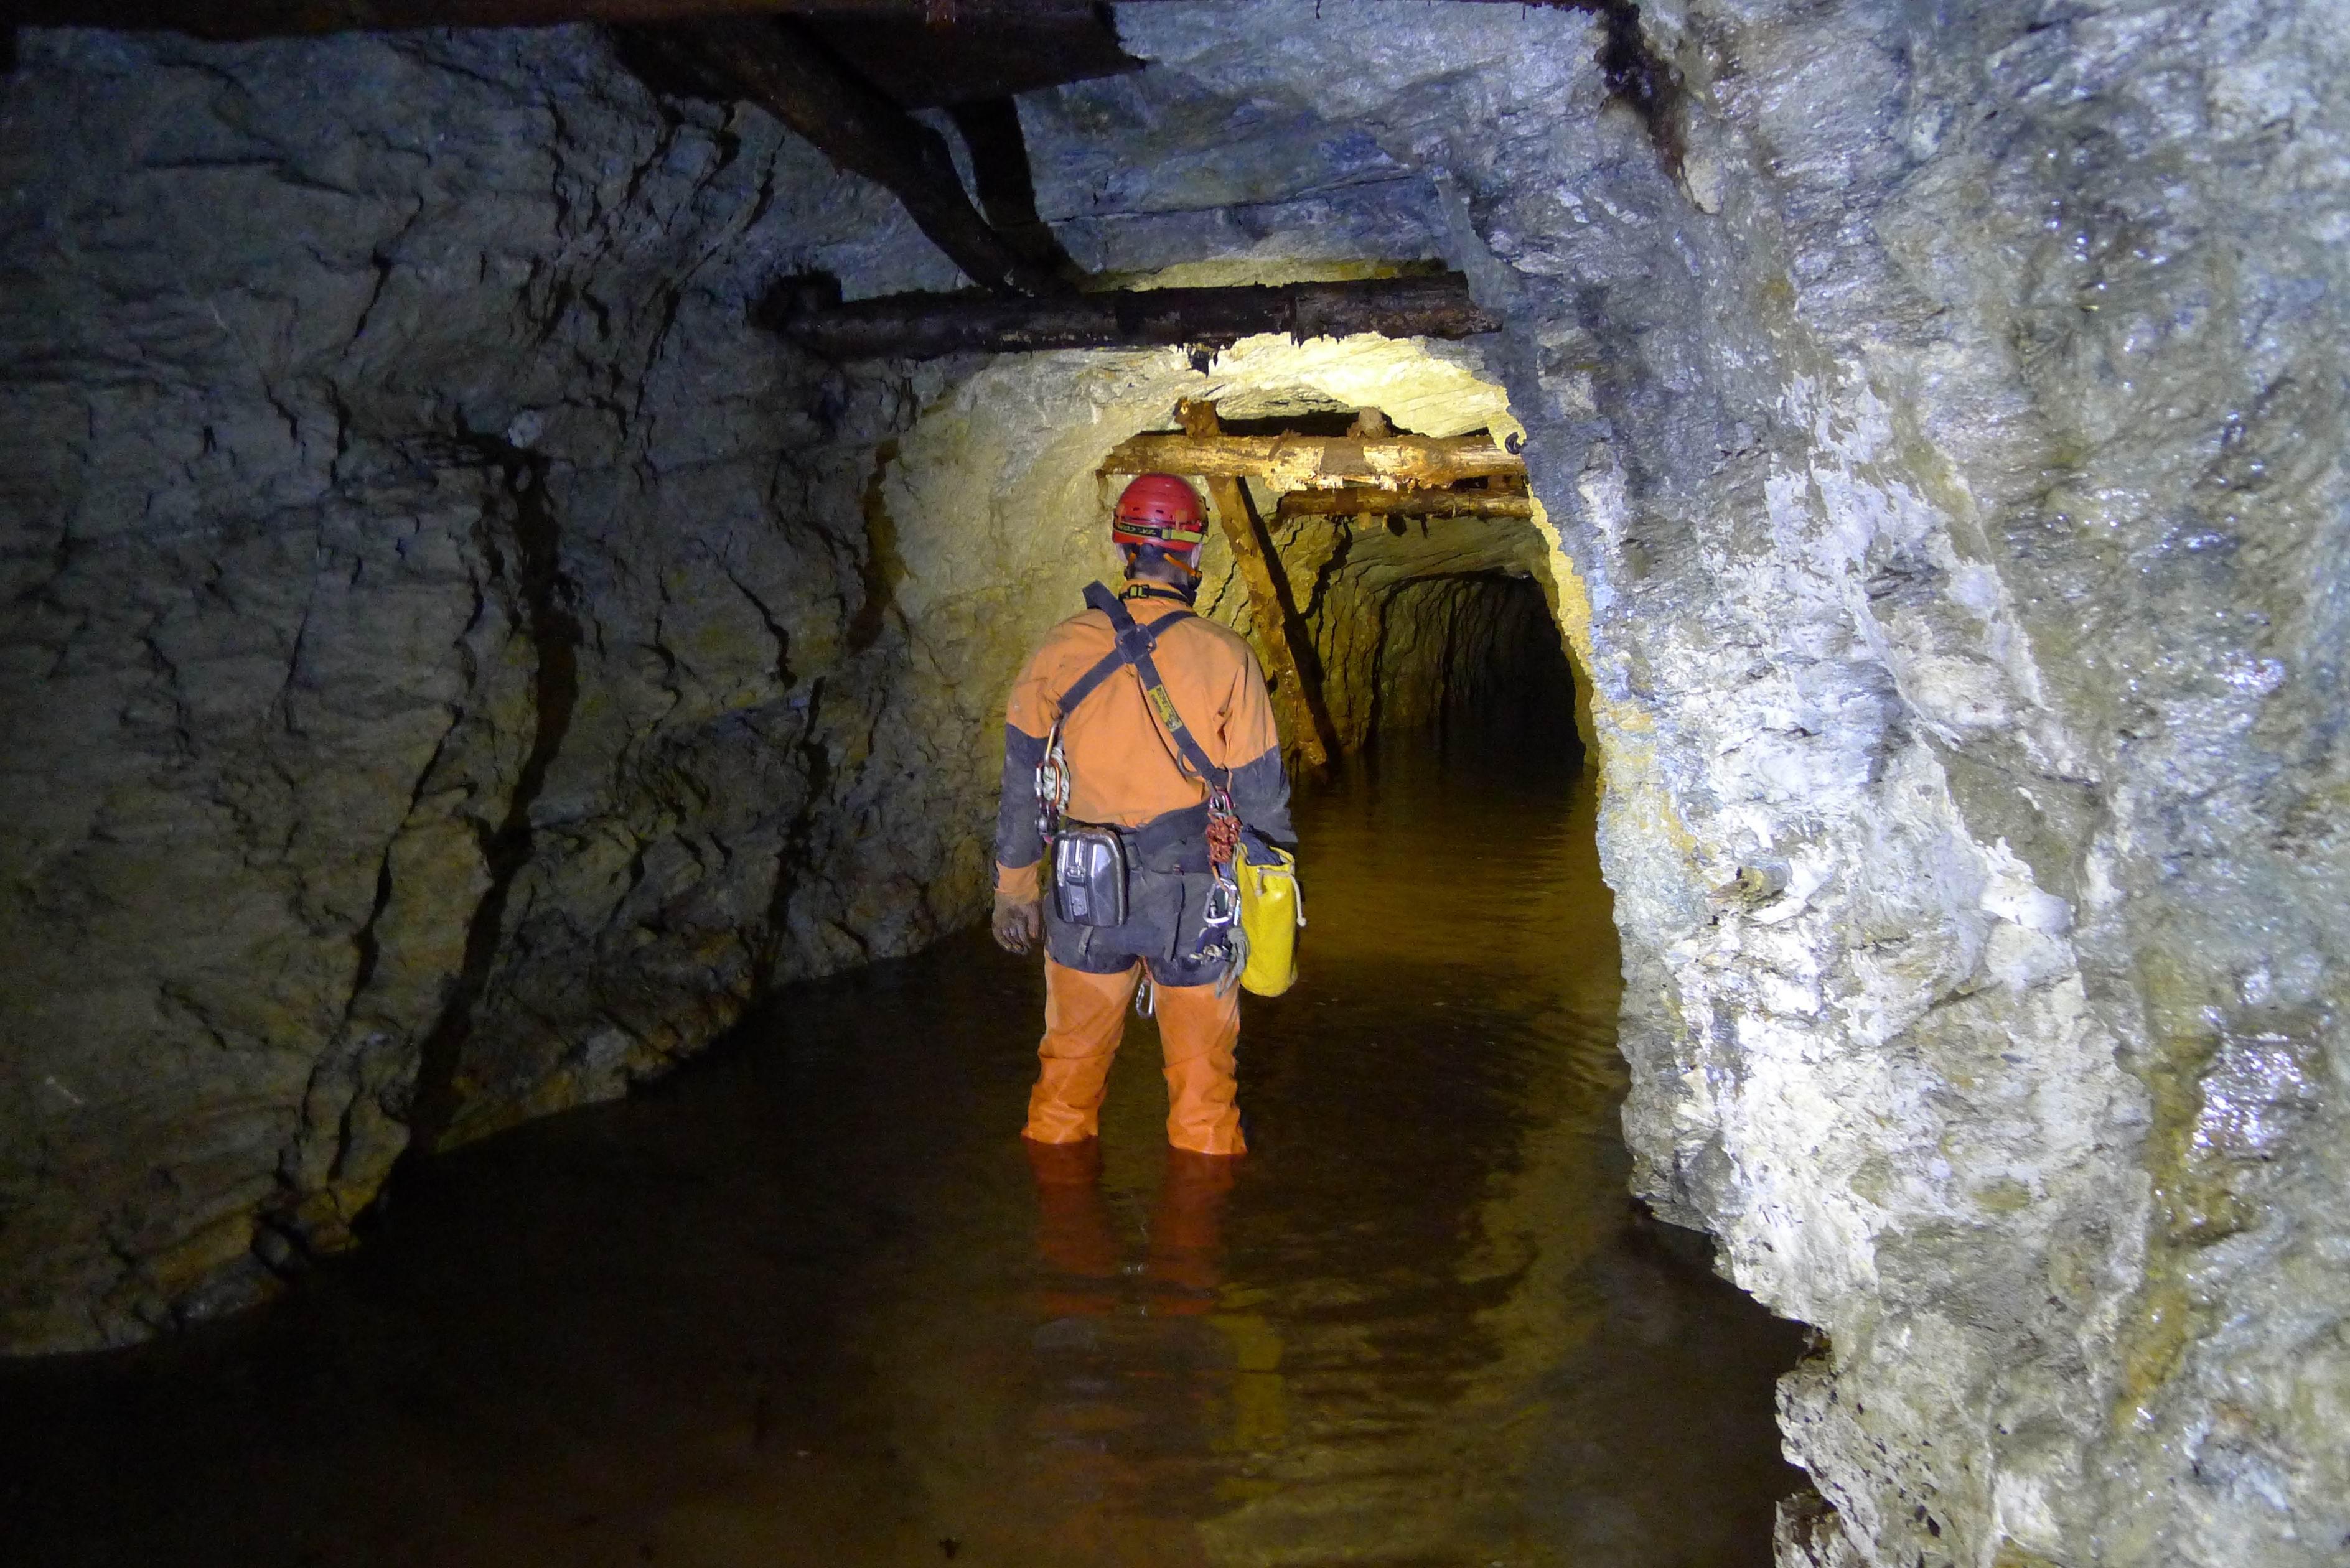 L'acqua è abbastanza alta da superare il bordo degli stivali.